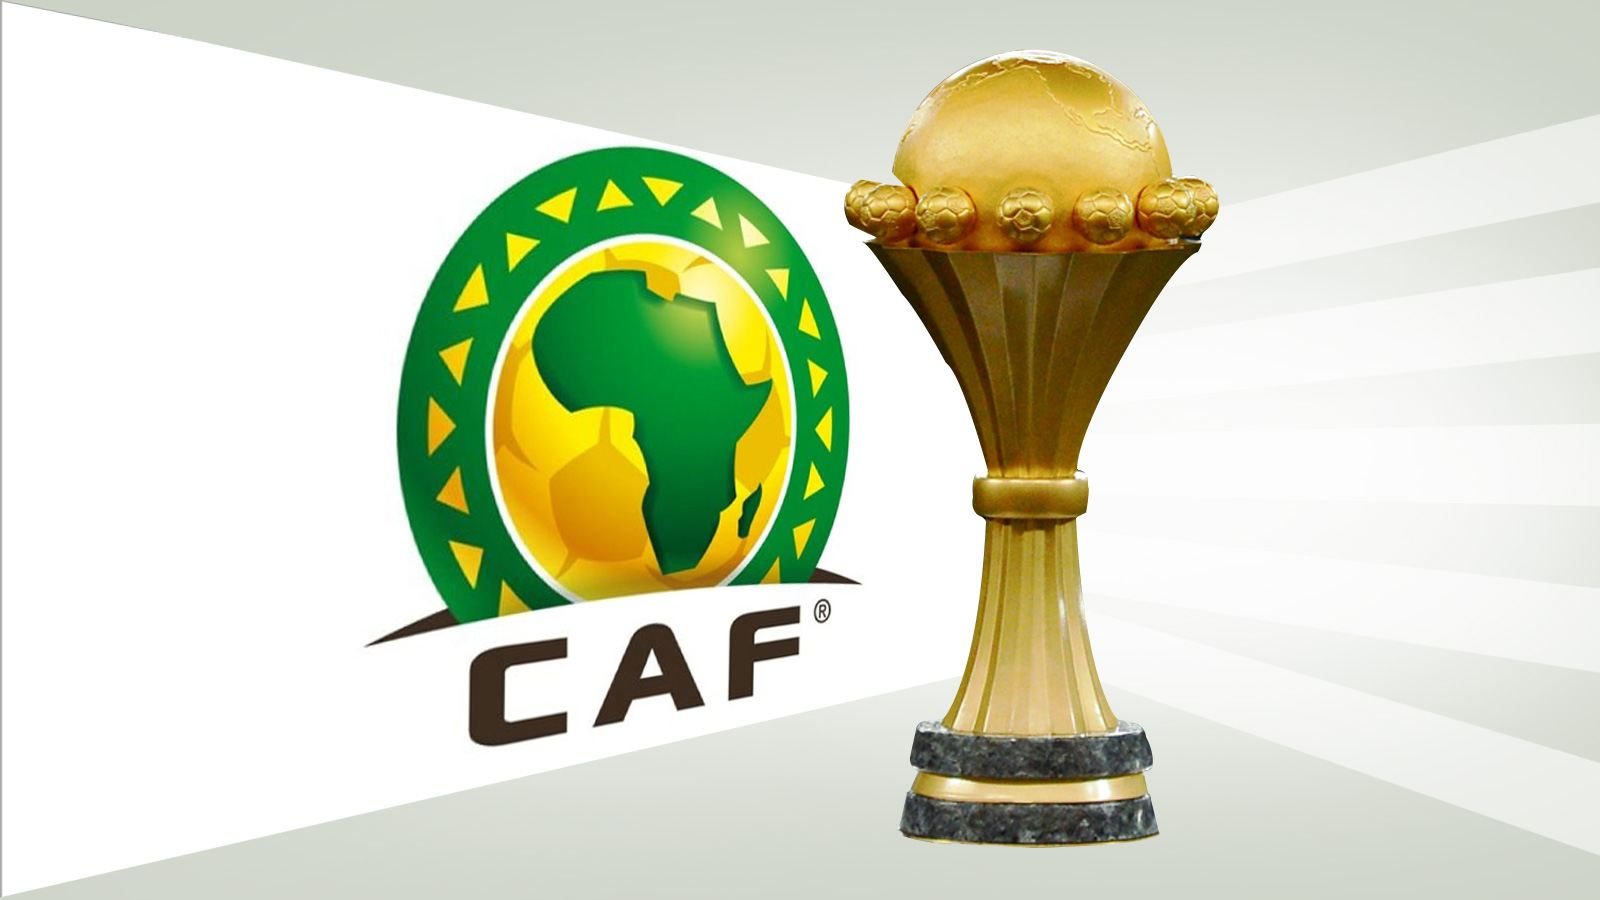 عاجل..  تخفيض أسعار تذاكر بطولة كأس افريقيا